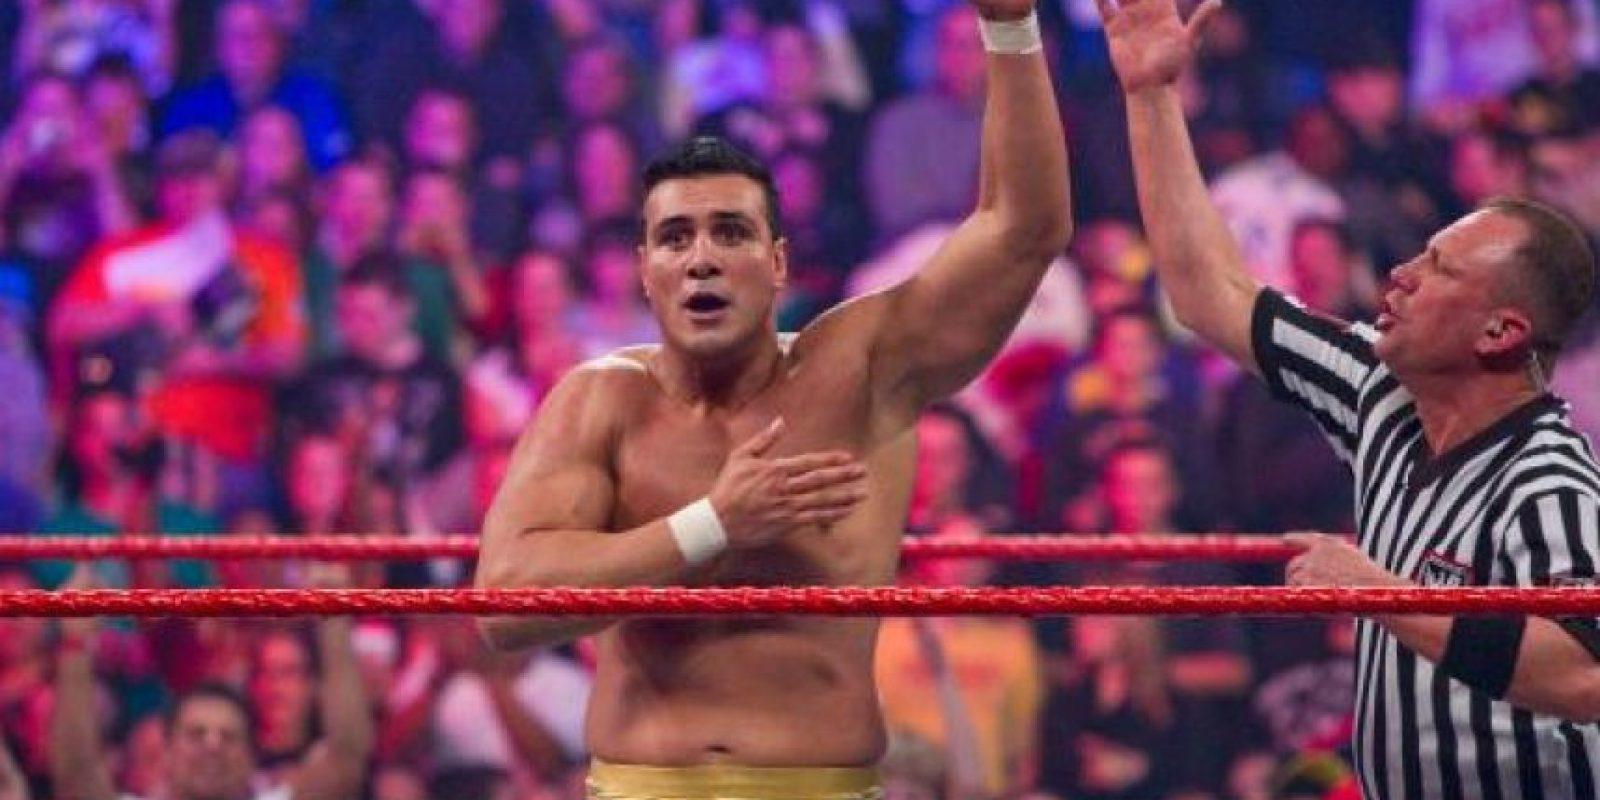 9. 40 personas entraron a la batalla de 2011, que ganó Alberto del Río Foto:WWE